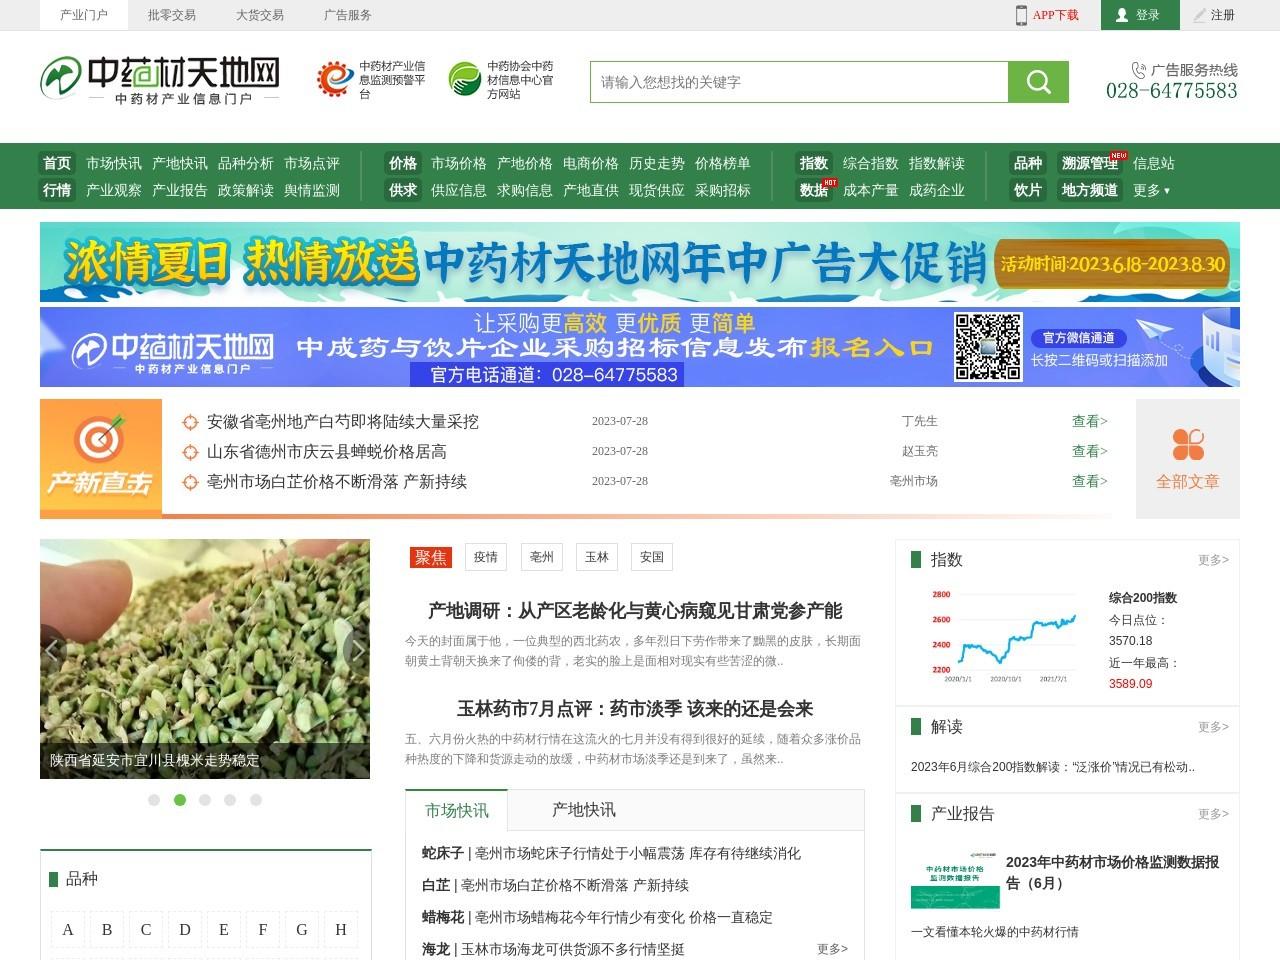 中药材天地网-中药材产业信息门户网站